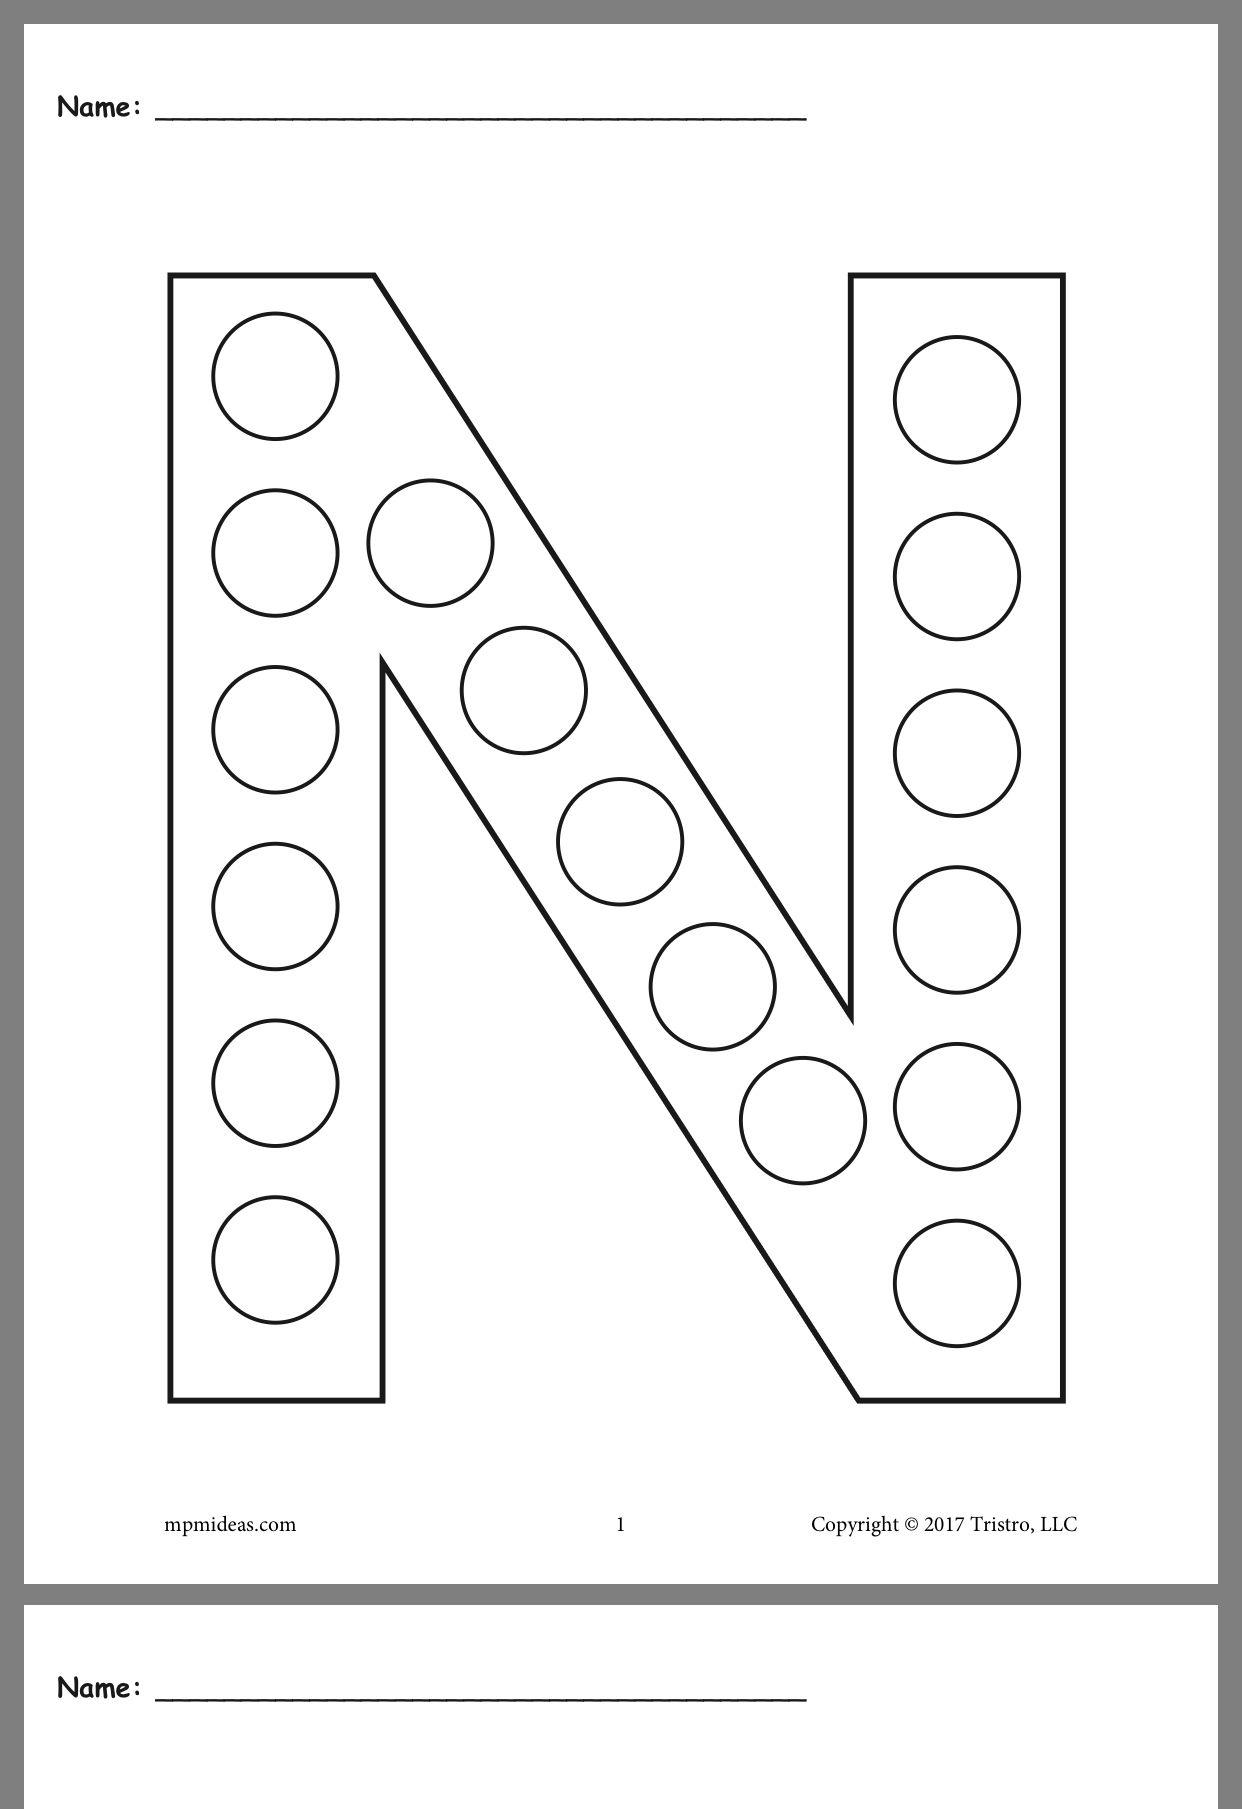 Pin By Lynsey Staner On Preschool